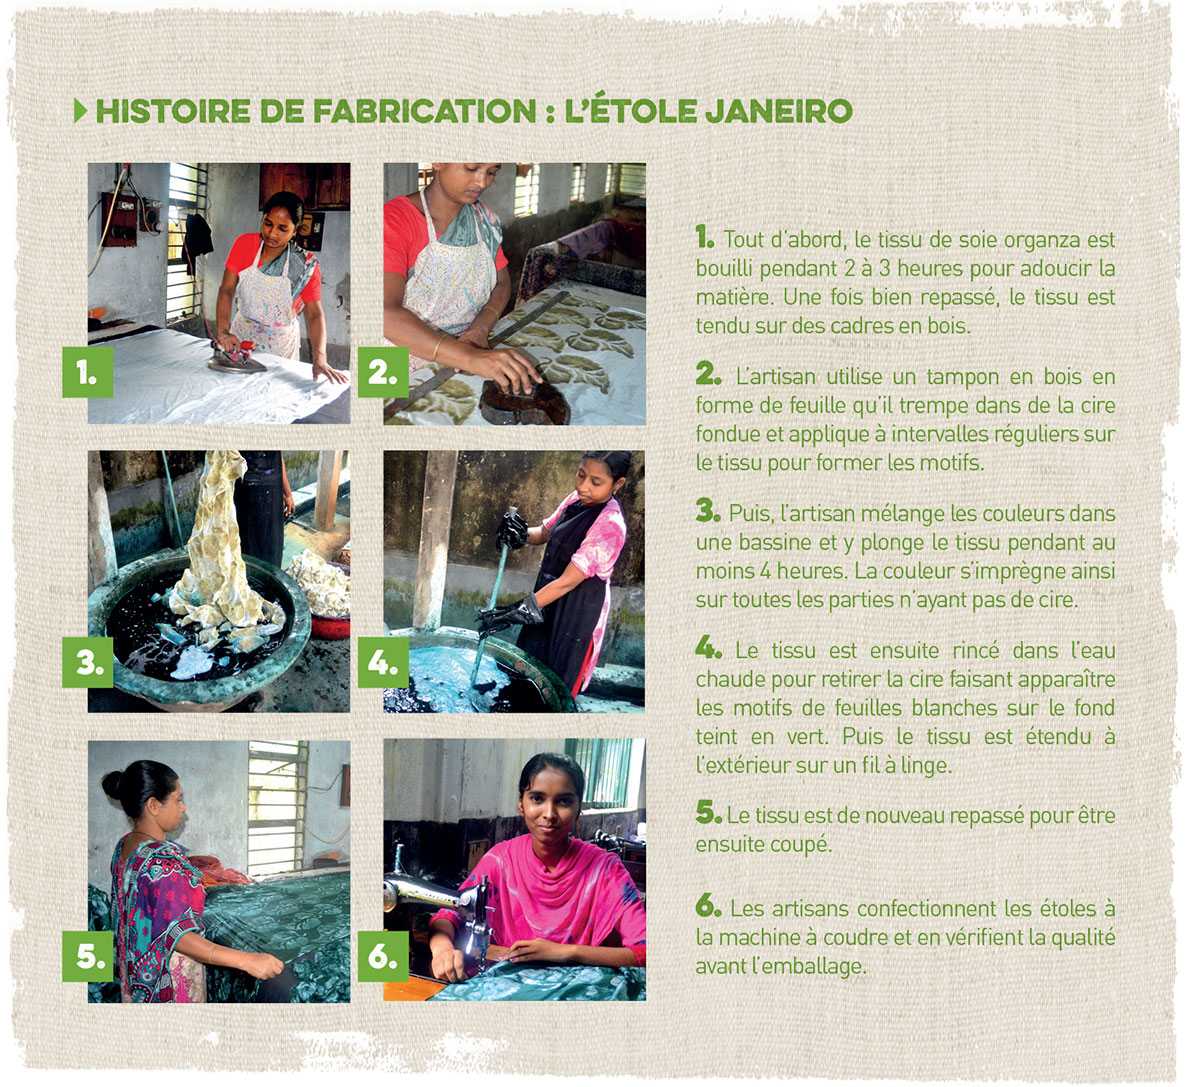 fabrication de l'étole en soie